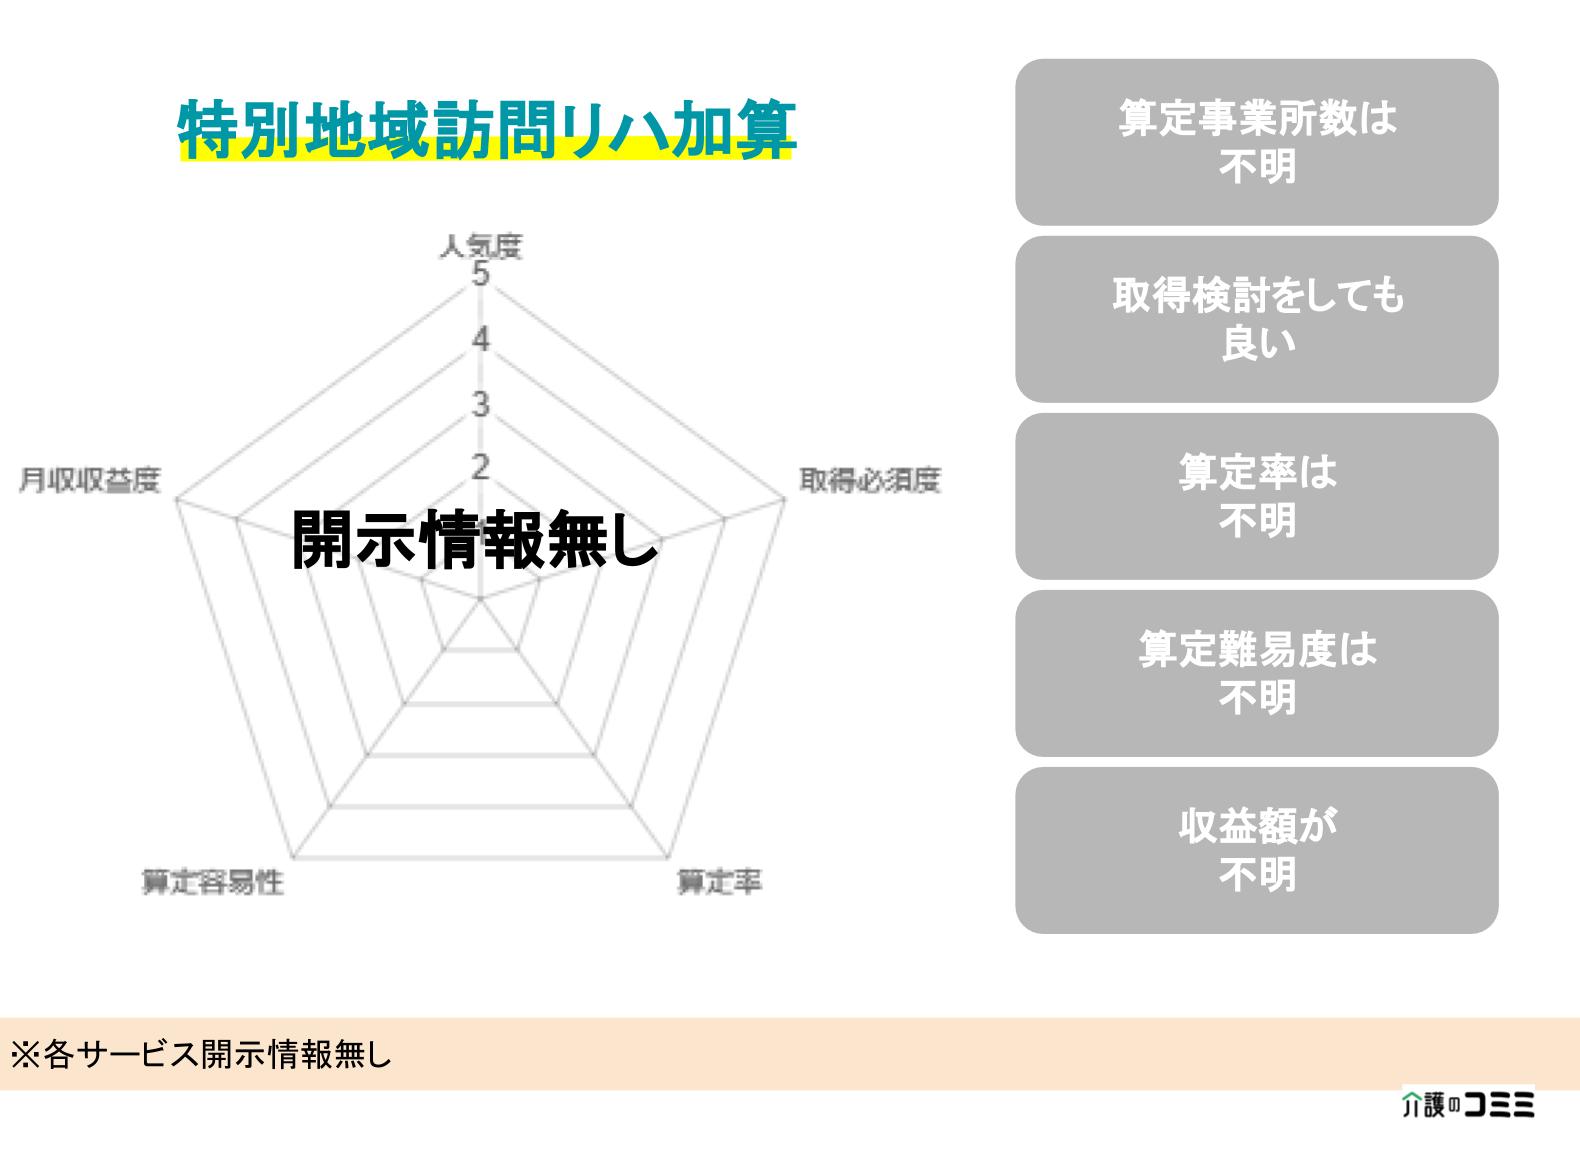 【加算ランキング】特別地域訪問リハビリテーション加算とは?基礎から解説!